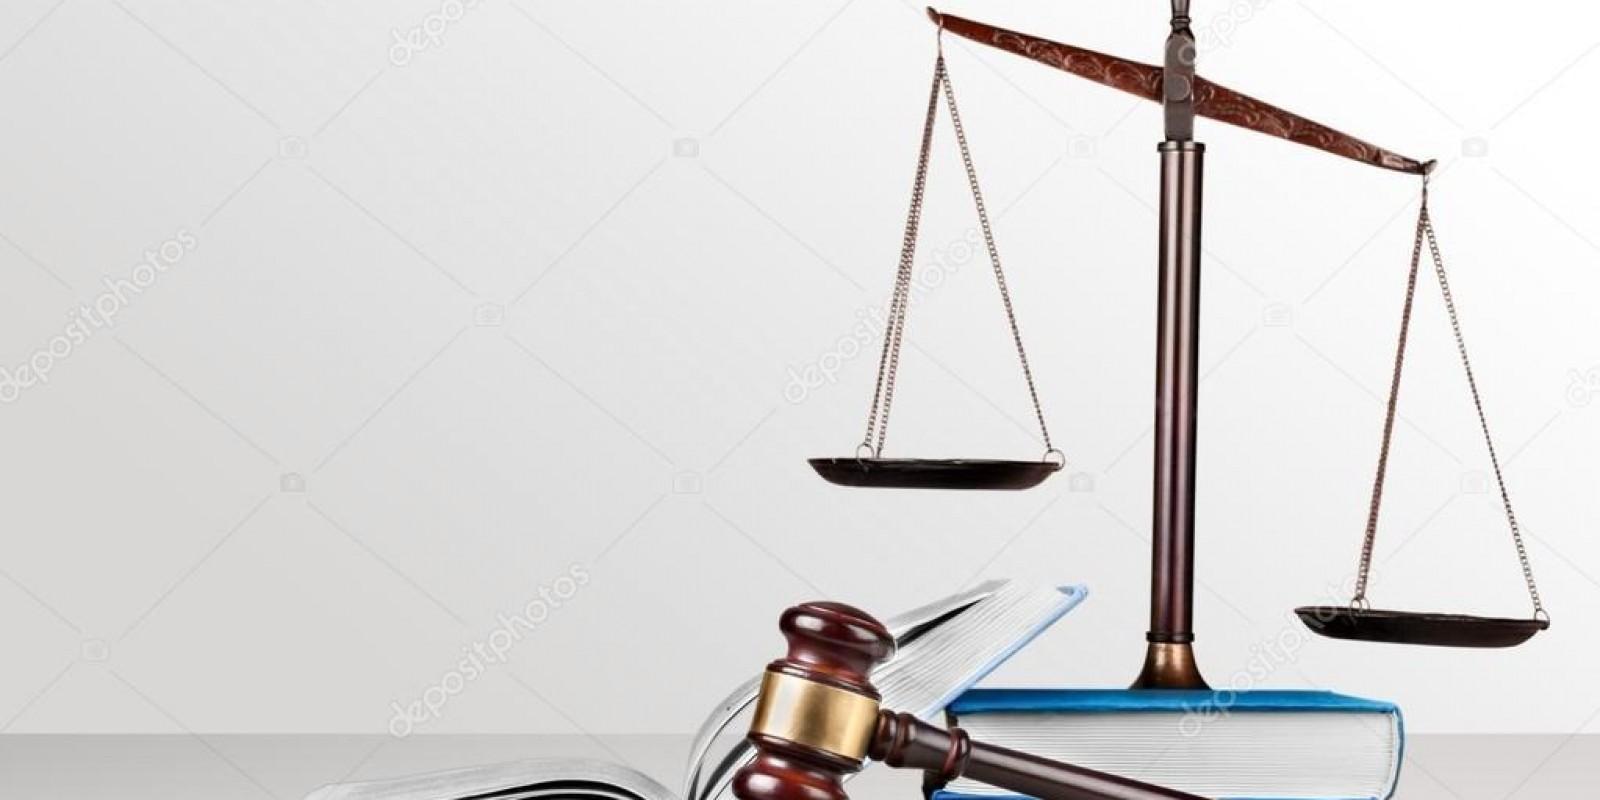 Departamentos jurídicos e a inovação